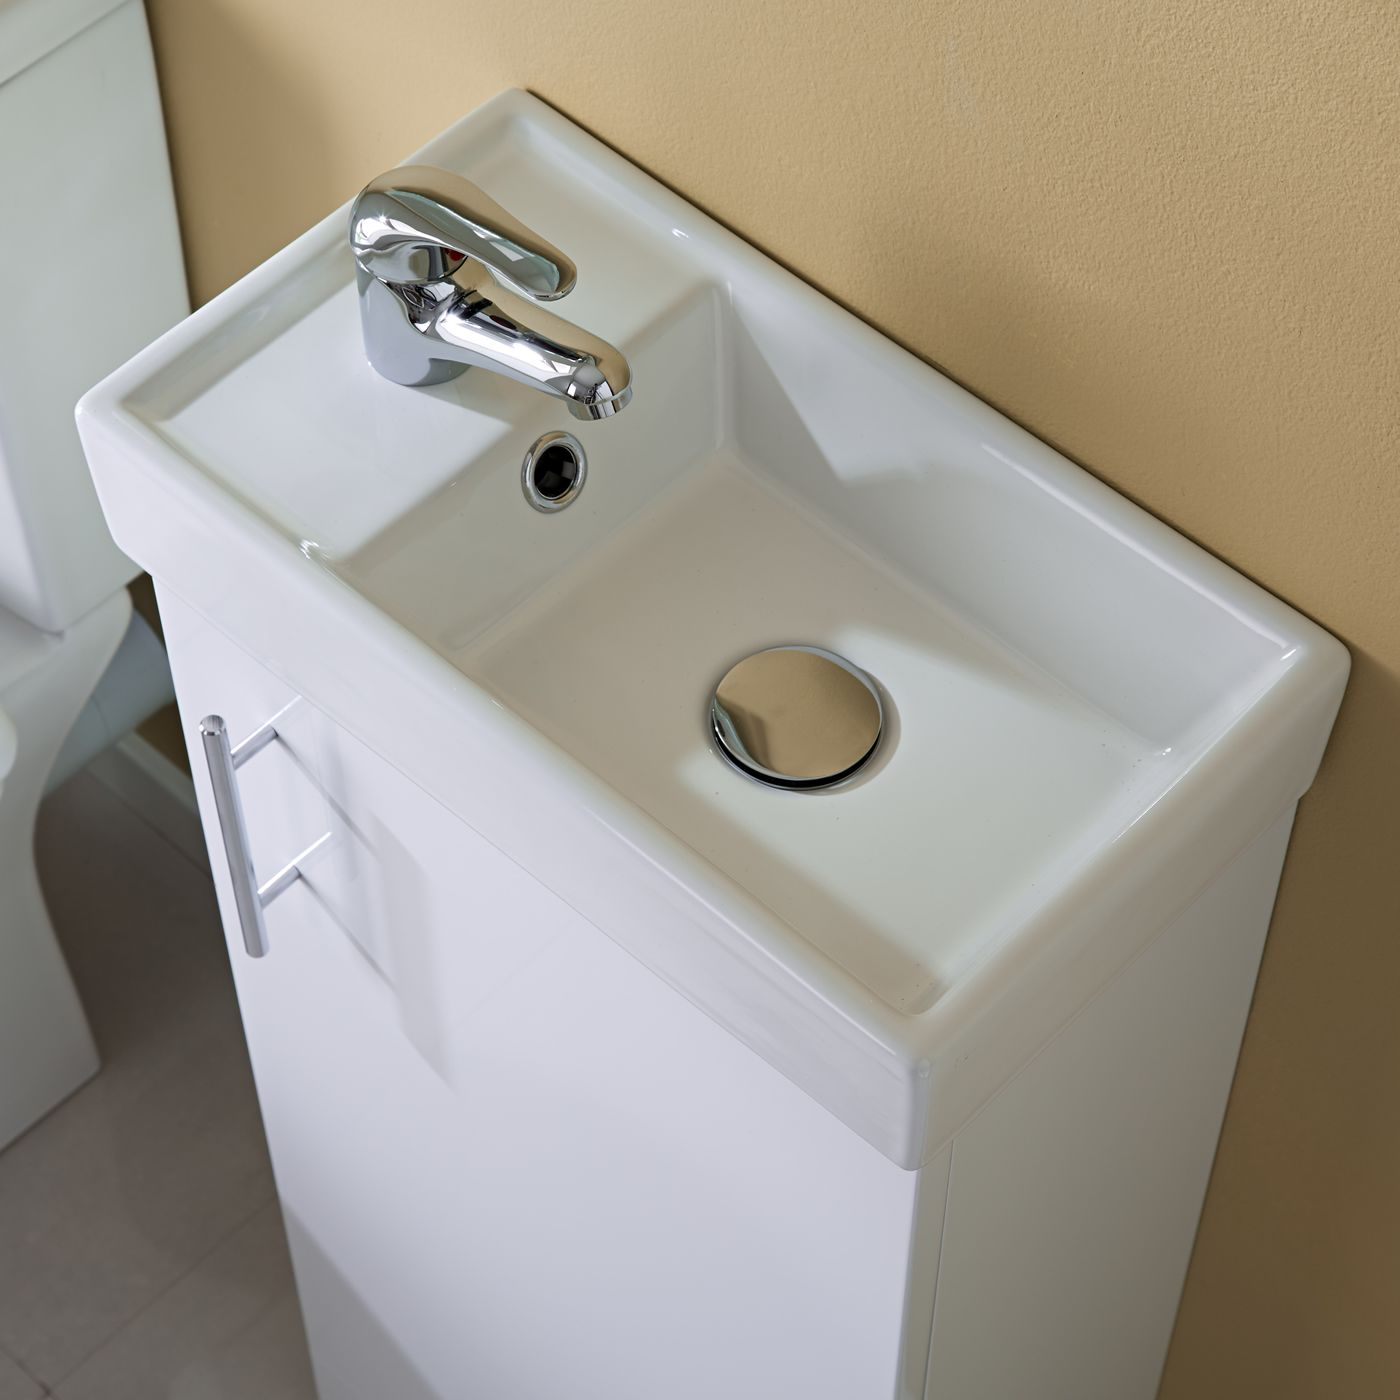 400mm White Minimalist Compact Cloakroom Vanity Unit Image 2 Small Bathroom Sinks Cloakroom Basin Small Undermount Bathroom Sink